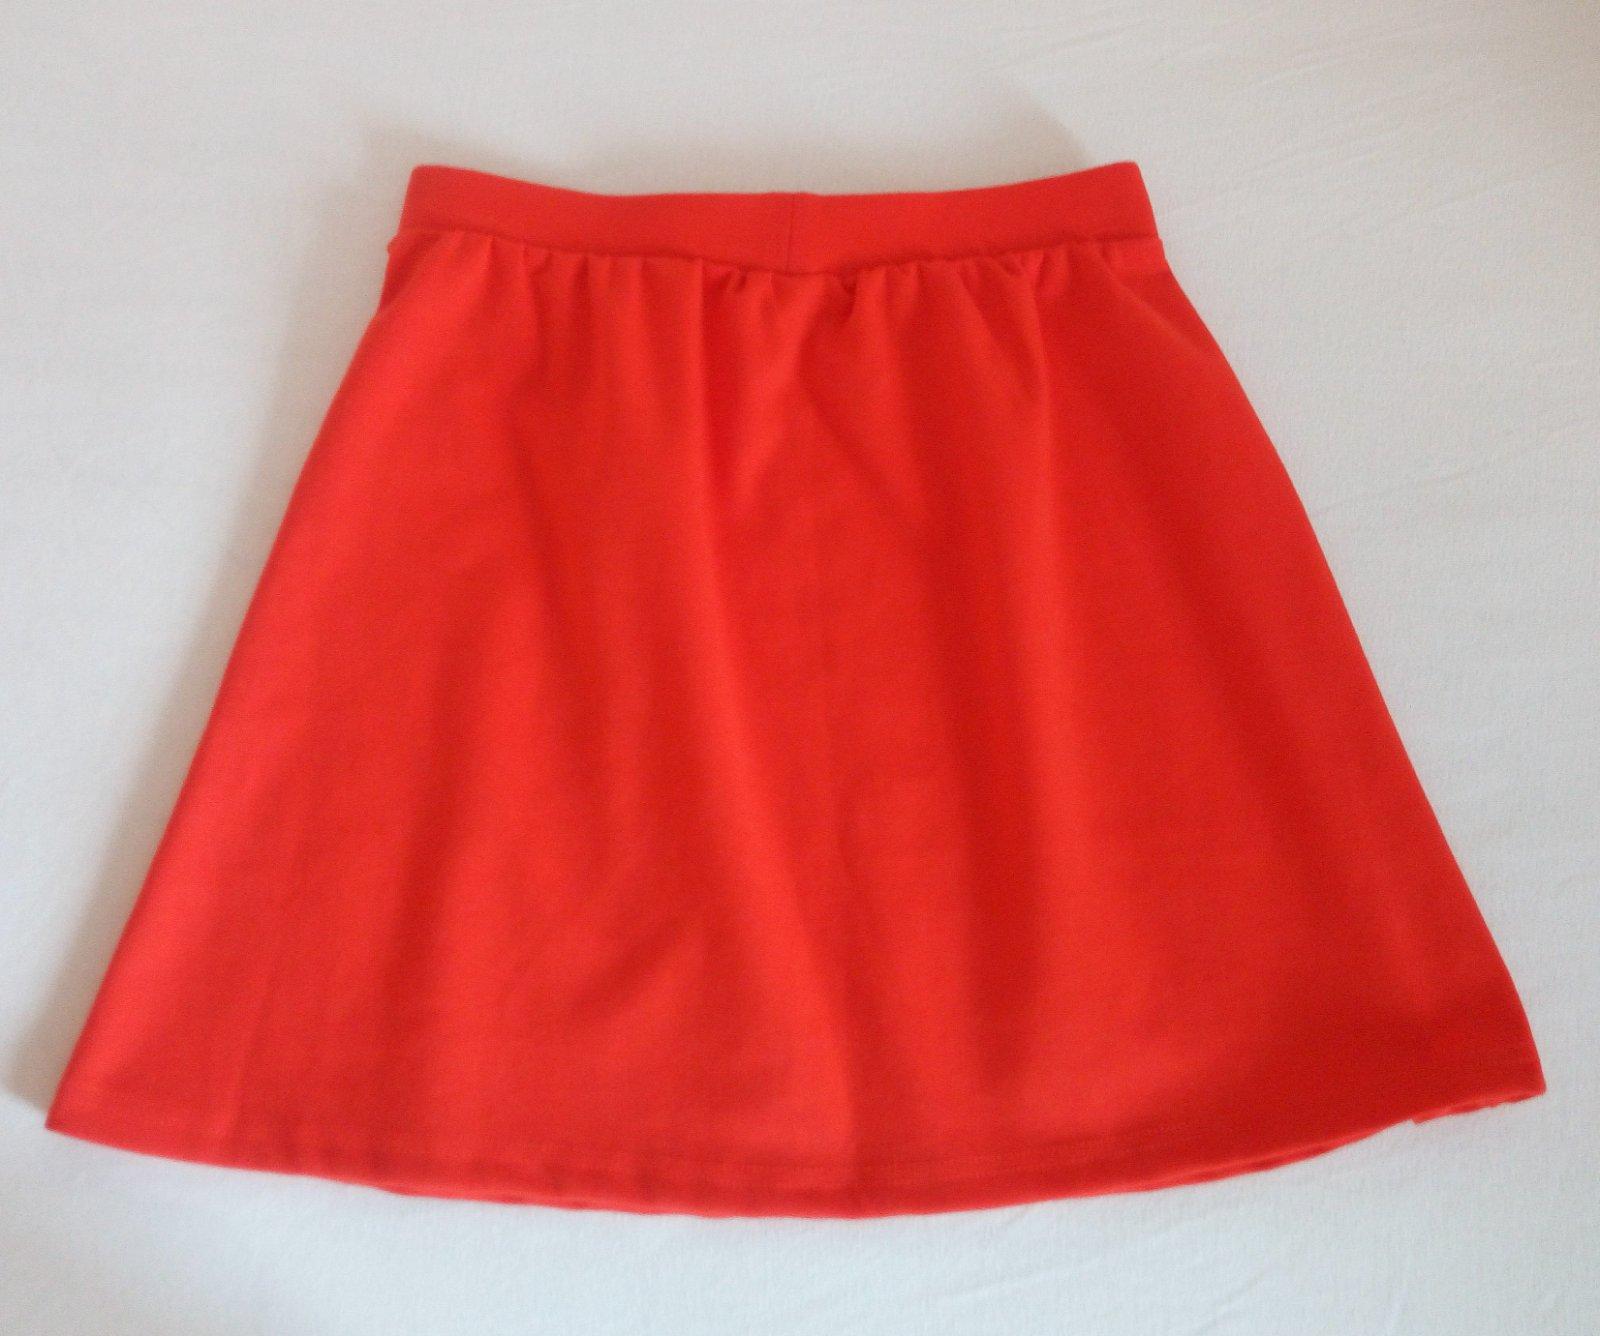 Červená áčková sukňa Gate S - Obrázok č. 4